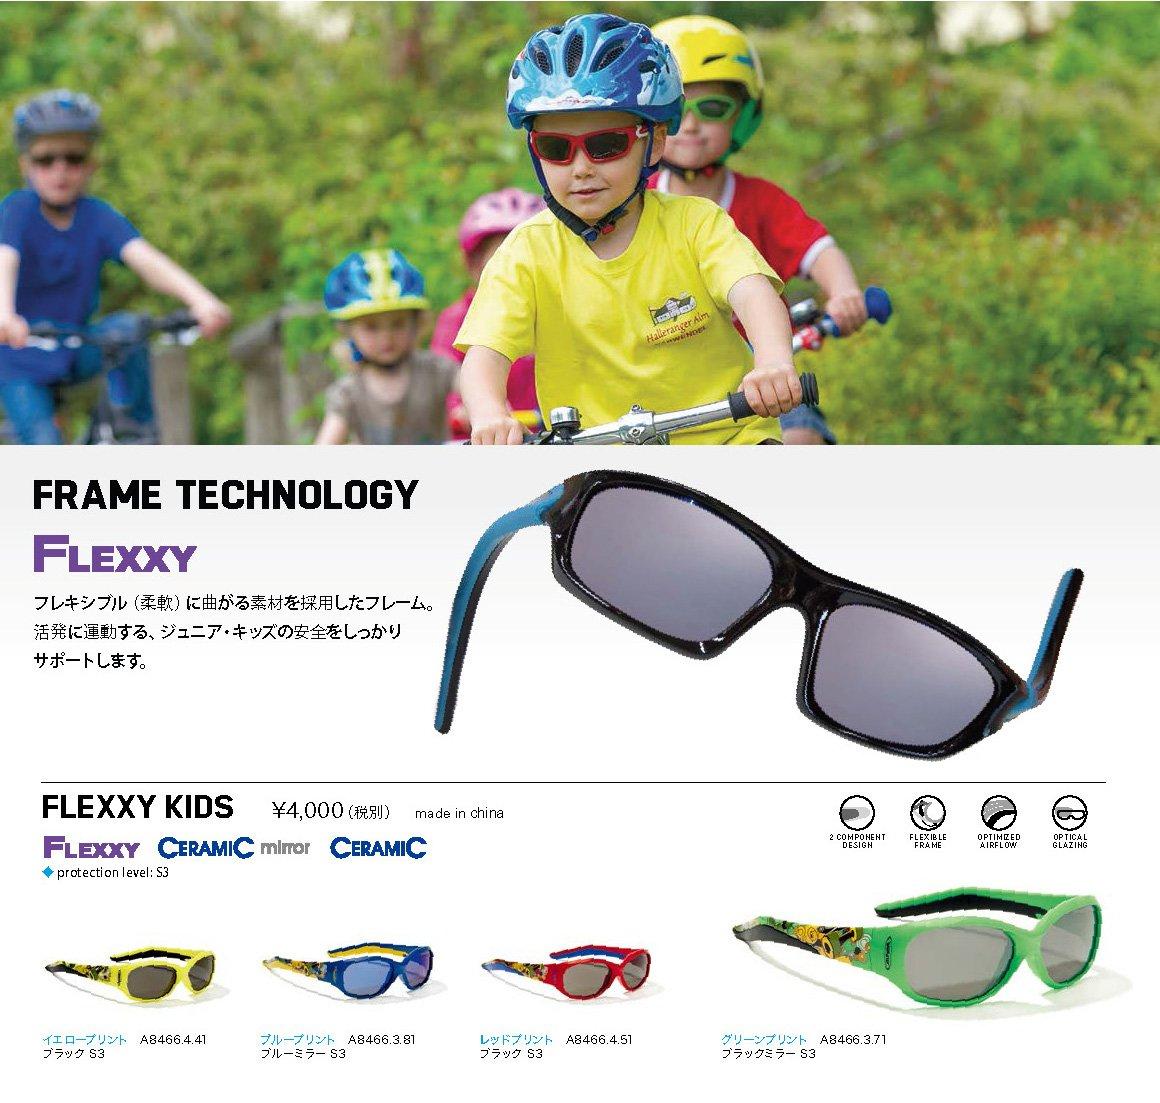 Alpina Fahrradbrille Flexxy Kids, Fassung: Red Print; Gläser: Black S3, One size, A 8466 4 51